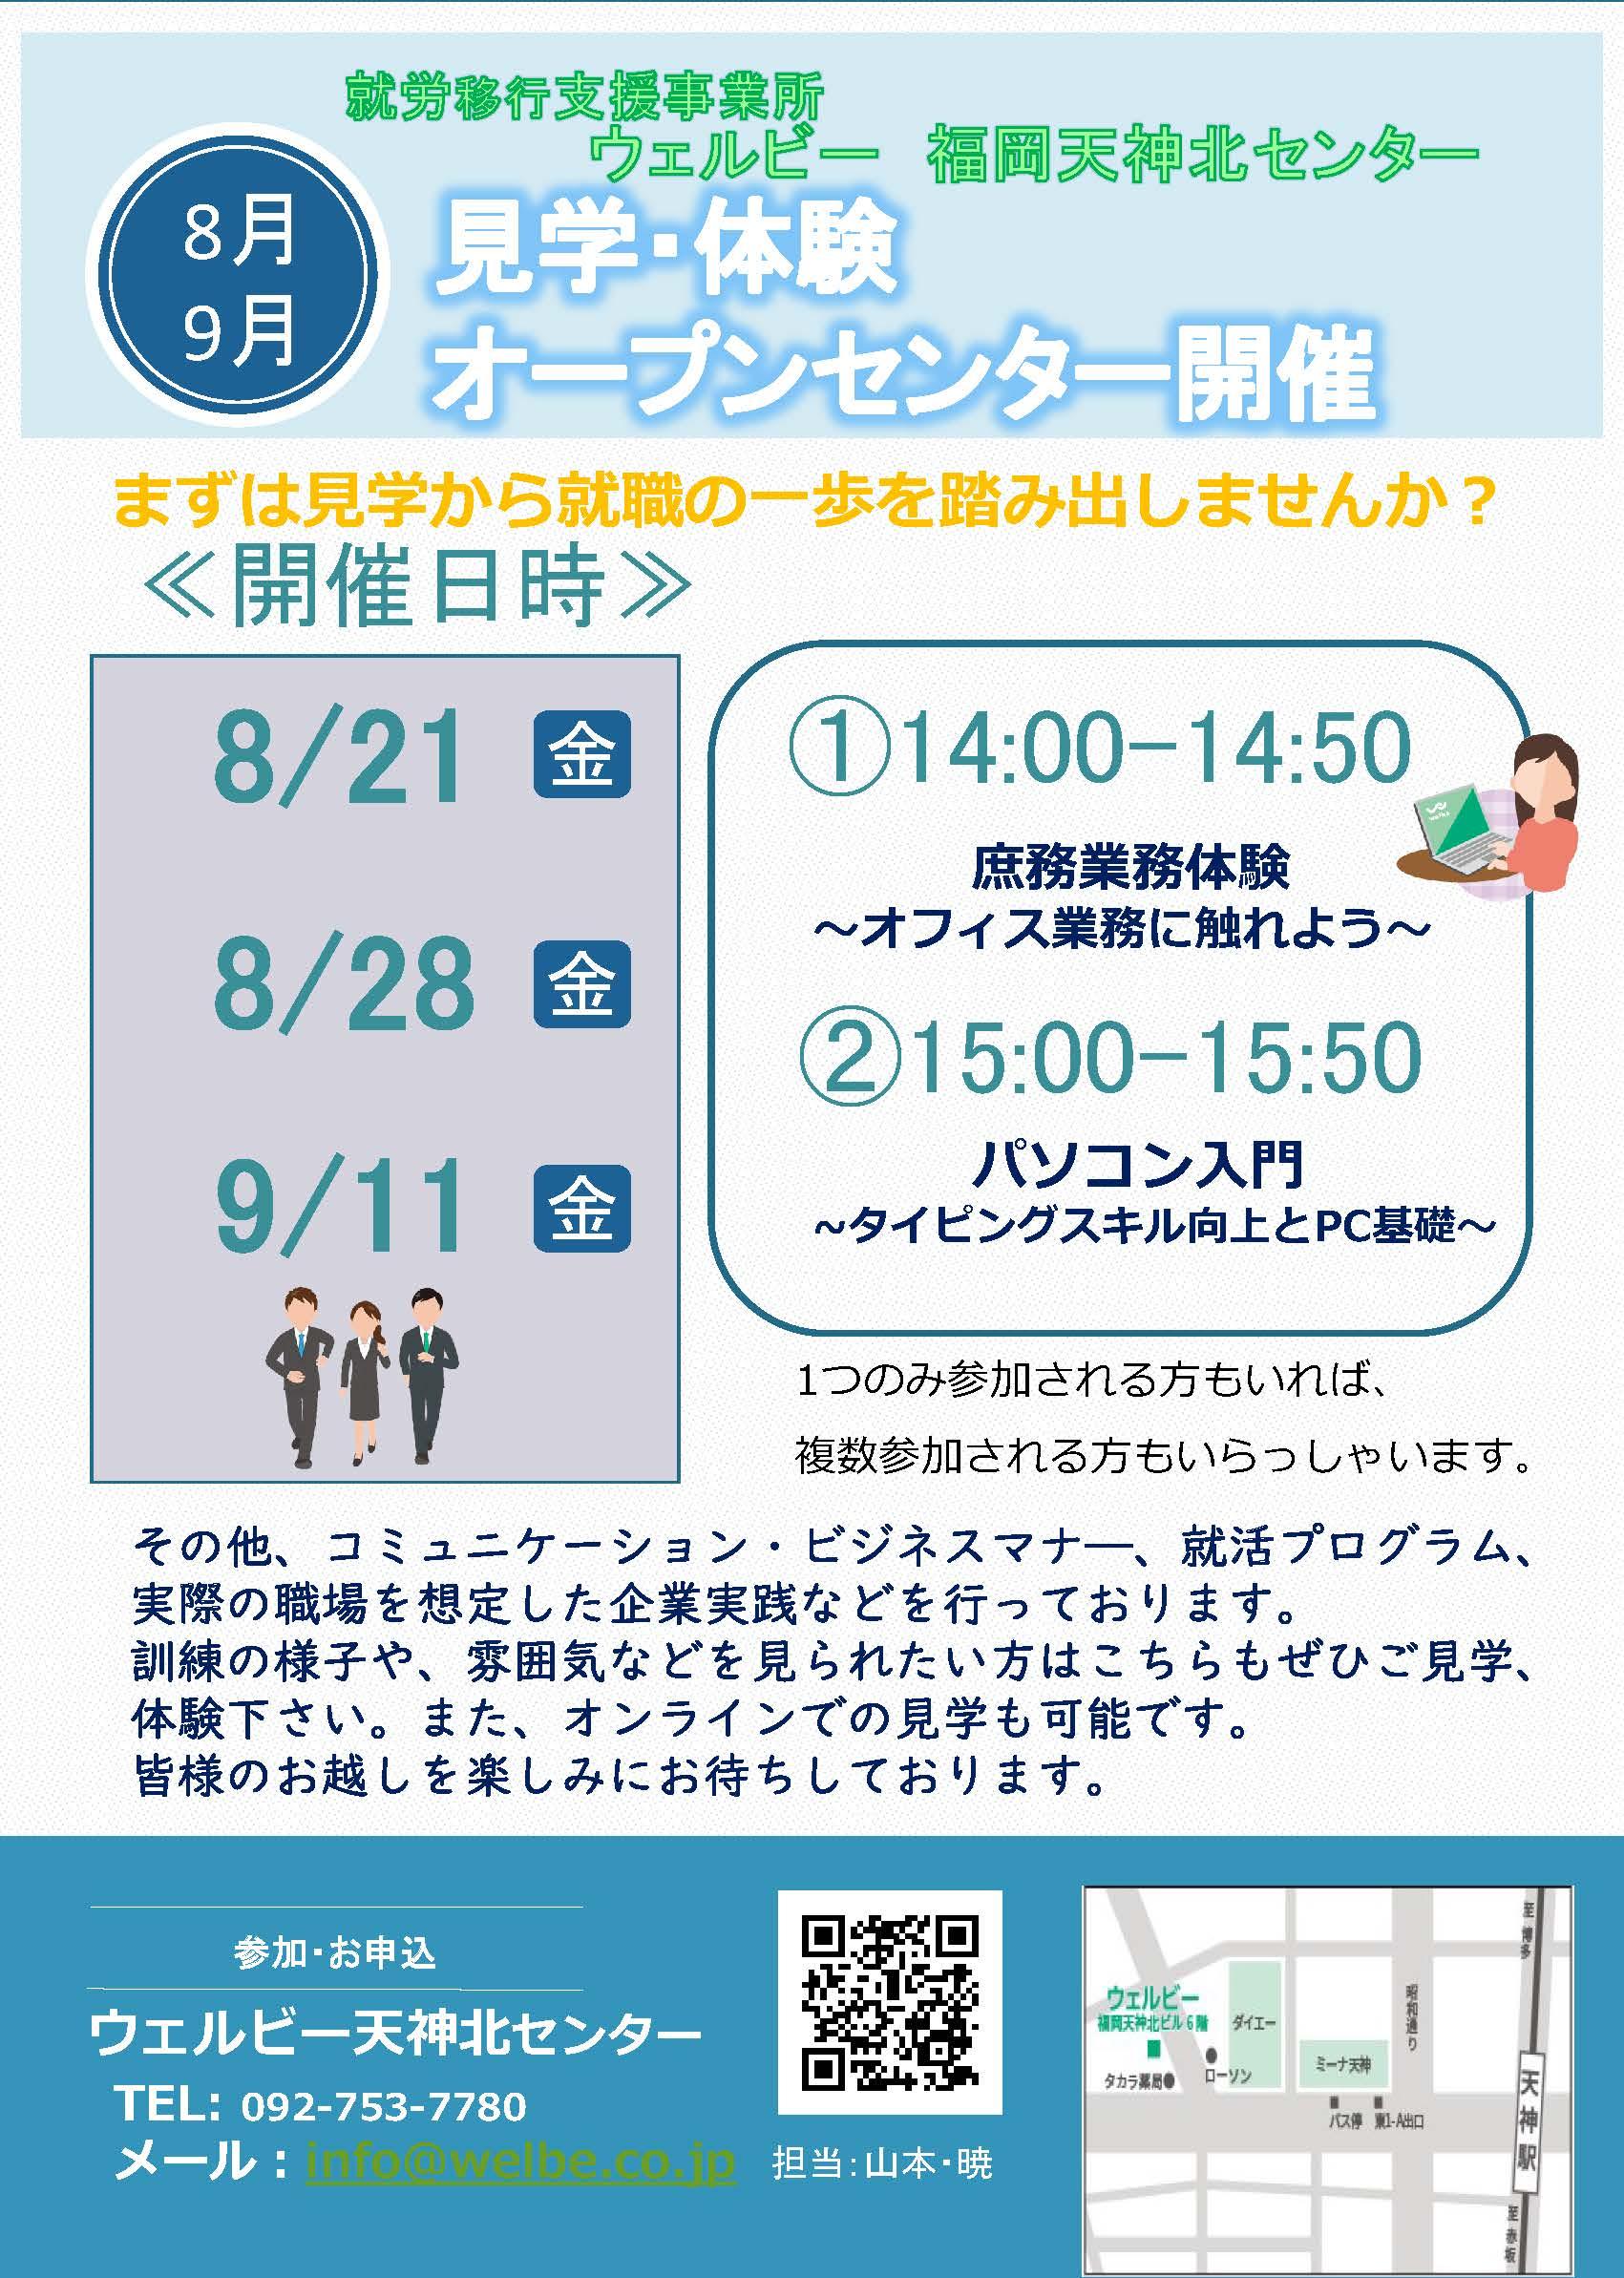 【ウェブ掲載】福岡天神北センター(8.20)修正